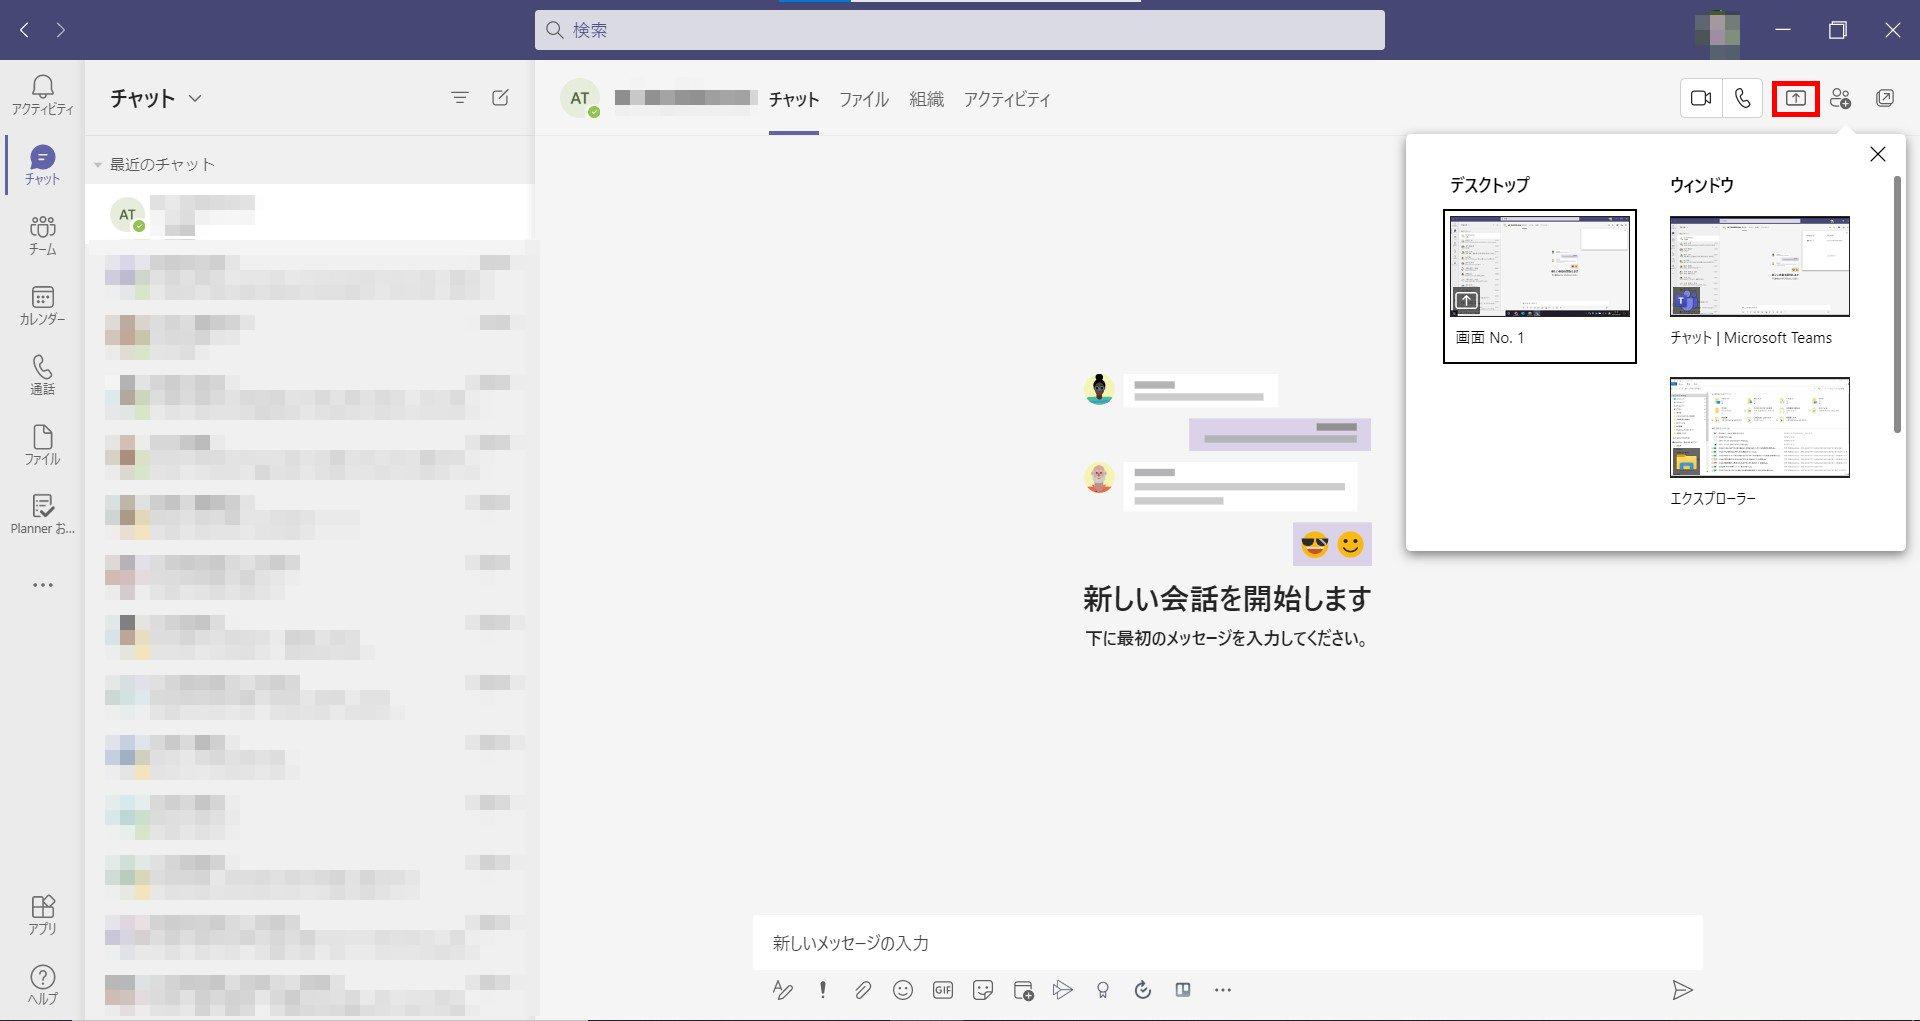 teams-screen-sharing2-1